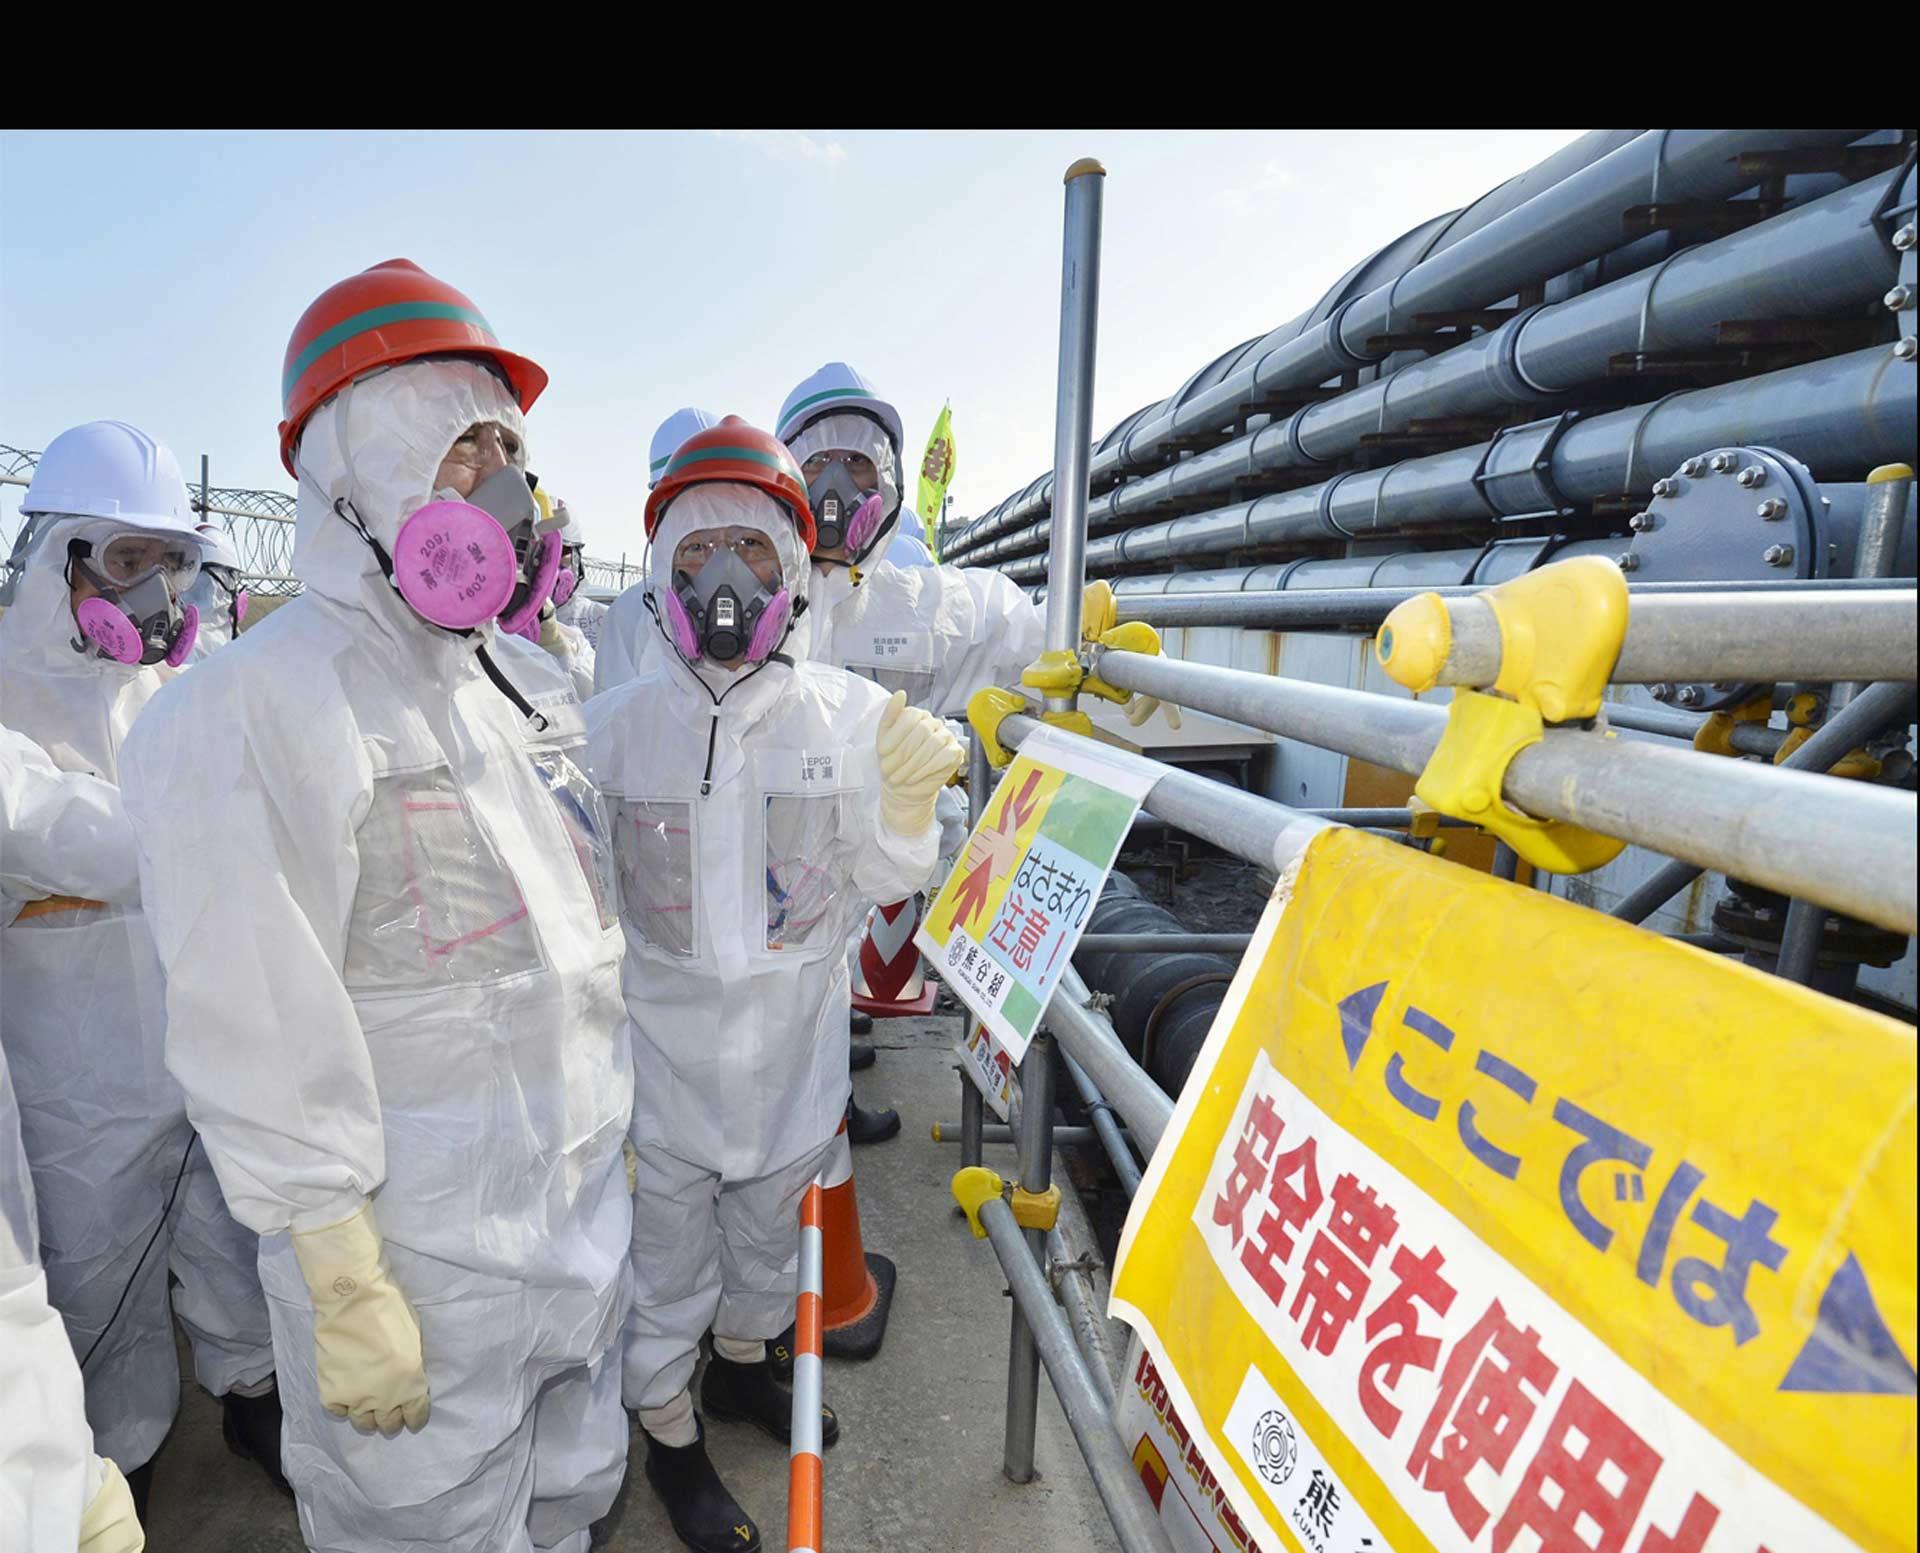 El país nipón activó el segundo reactor nuclear después de que se actualizaran las medidas de seguridad